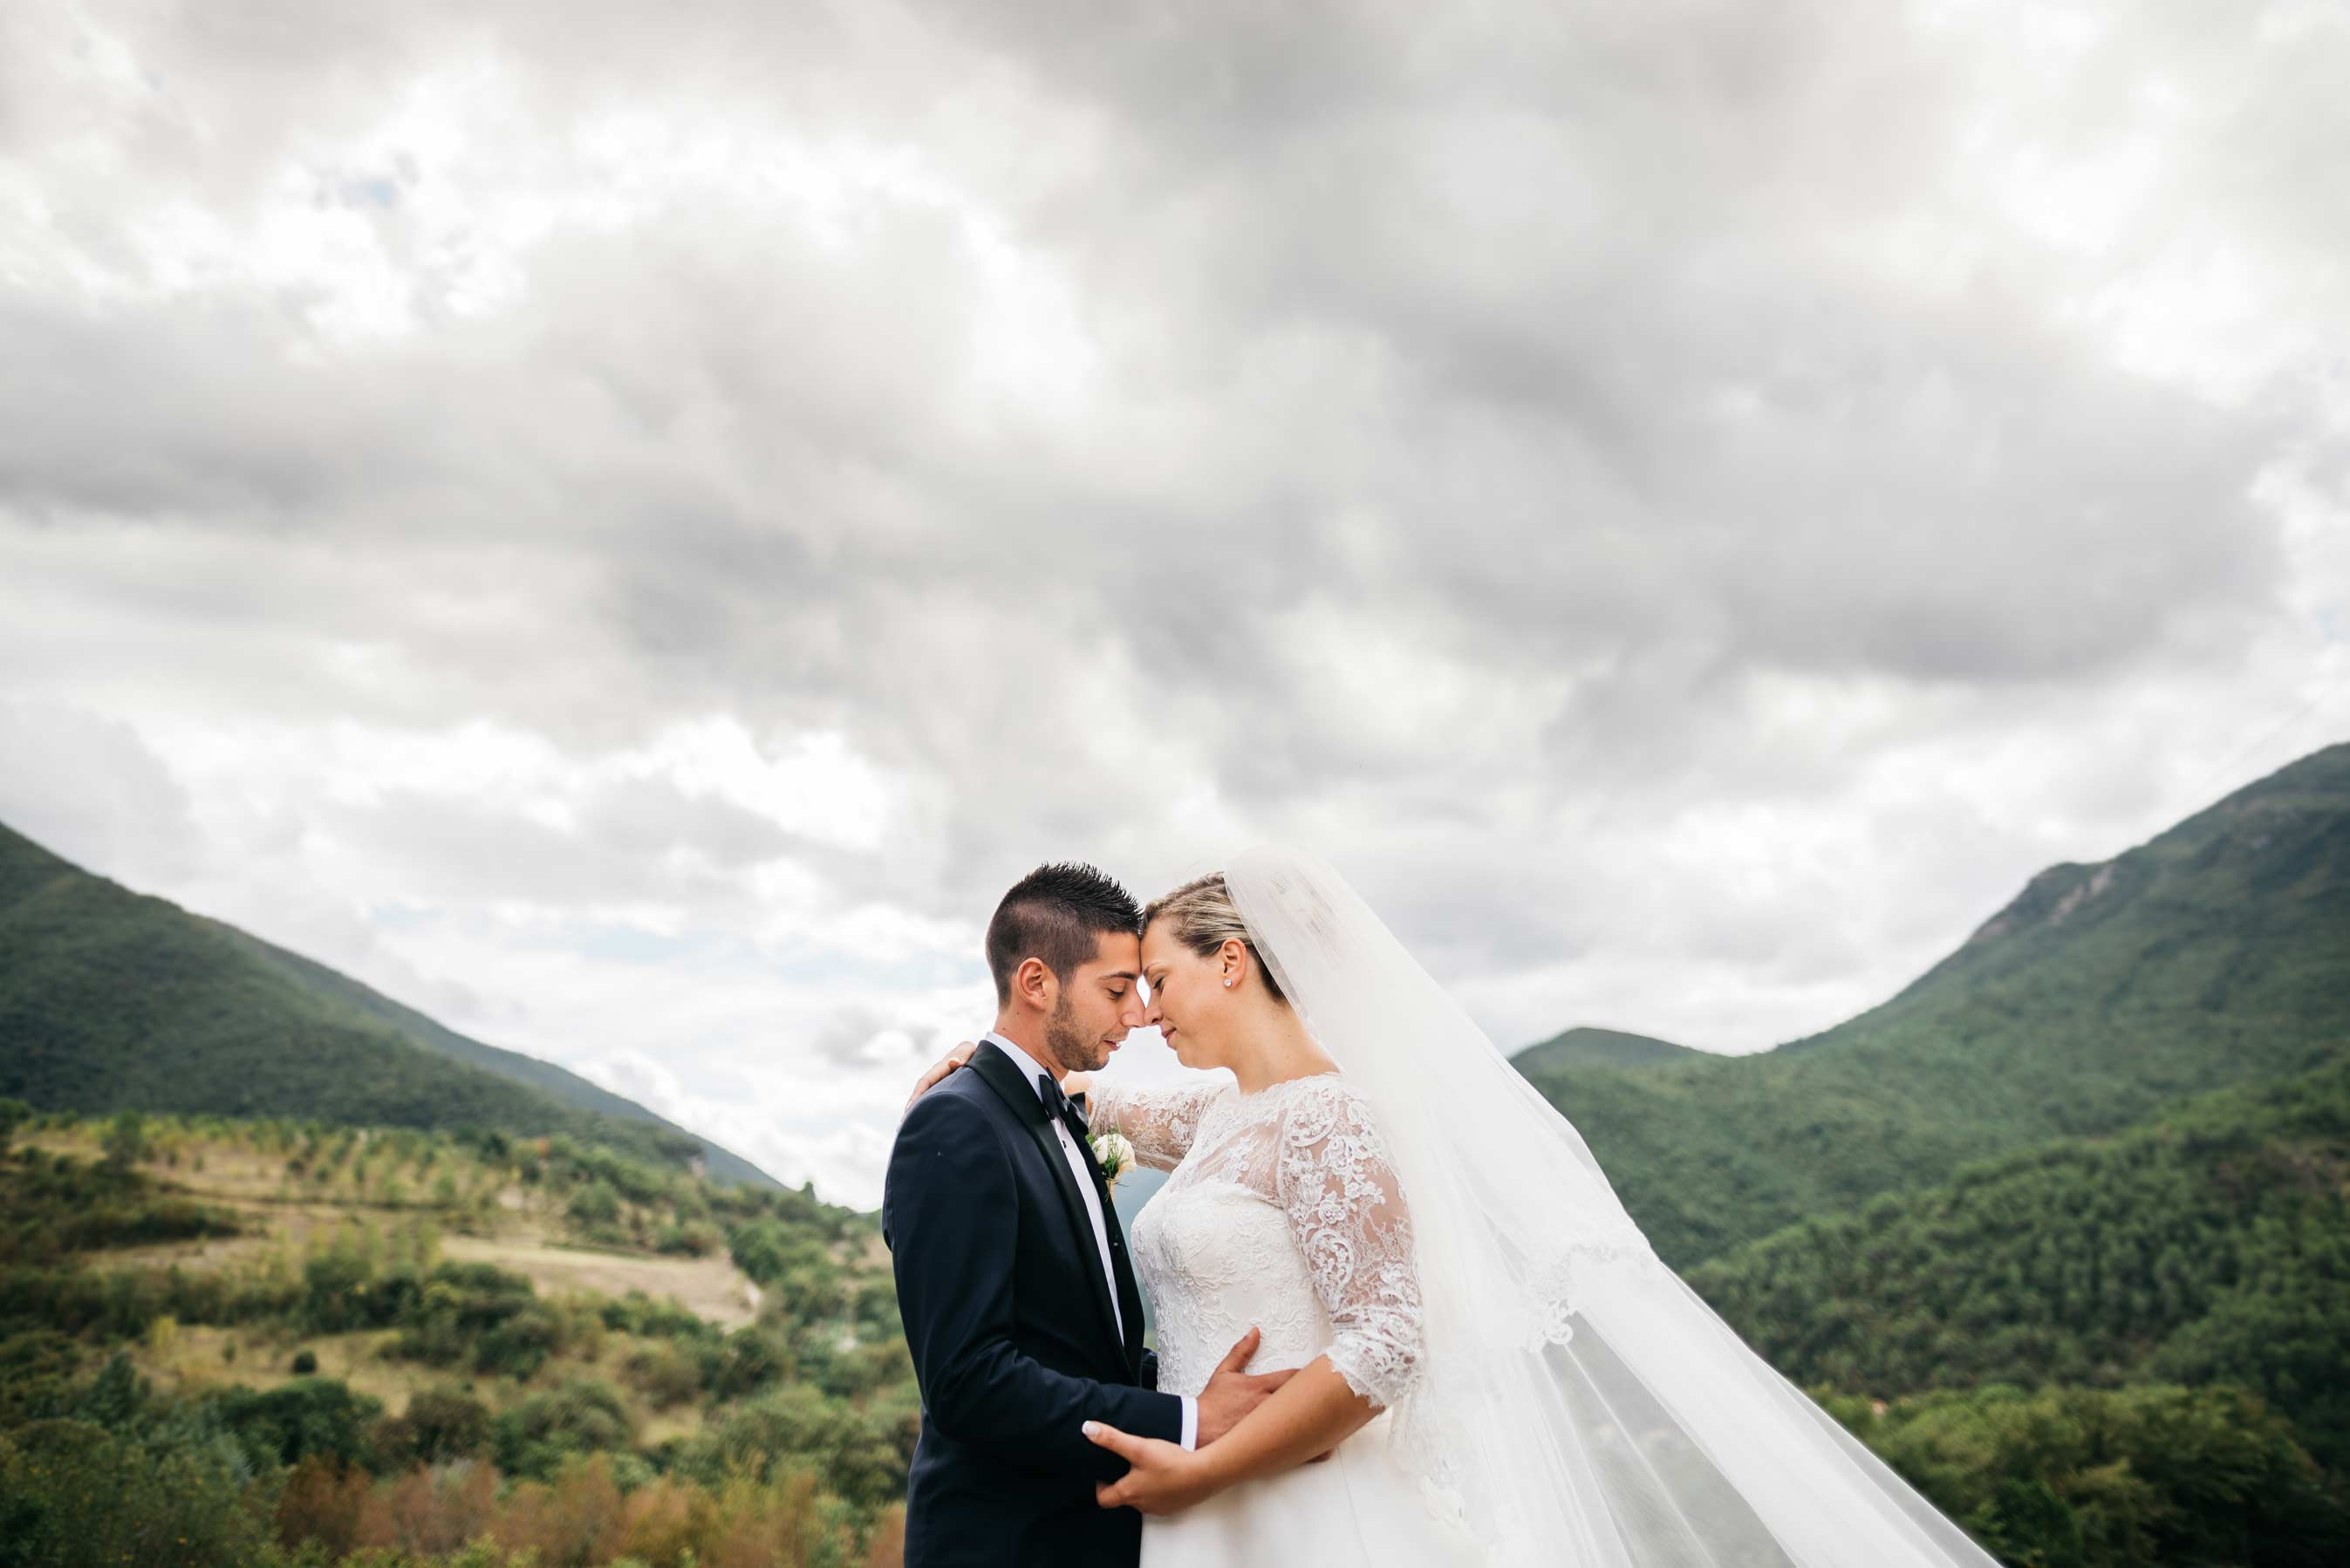 Fotografo-Di-Matrimonio-Reportage-Ritratti